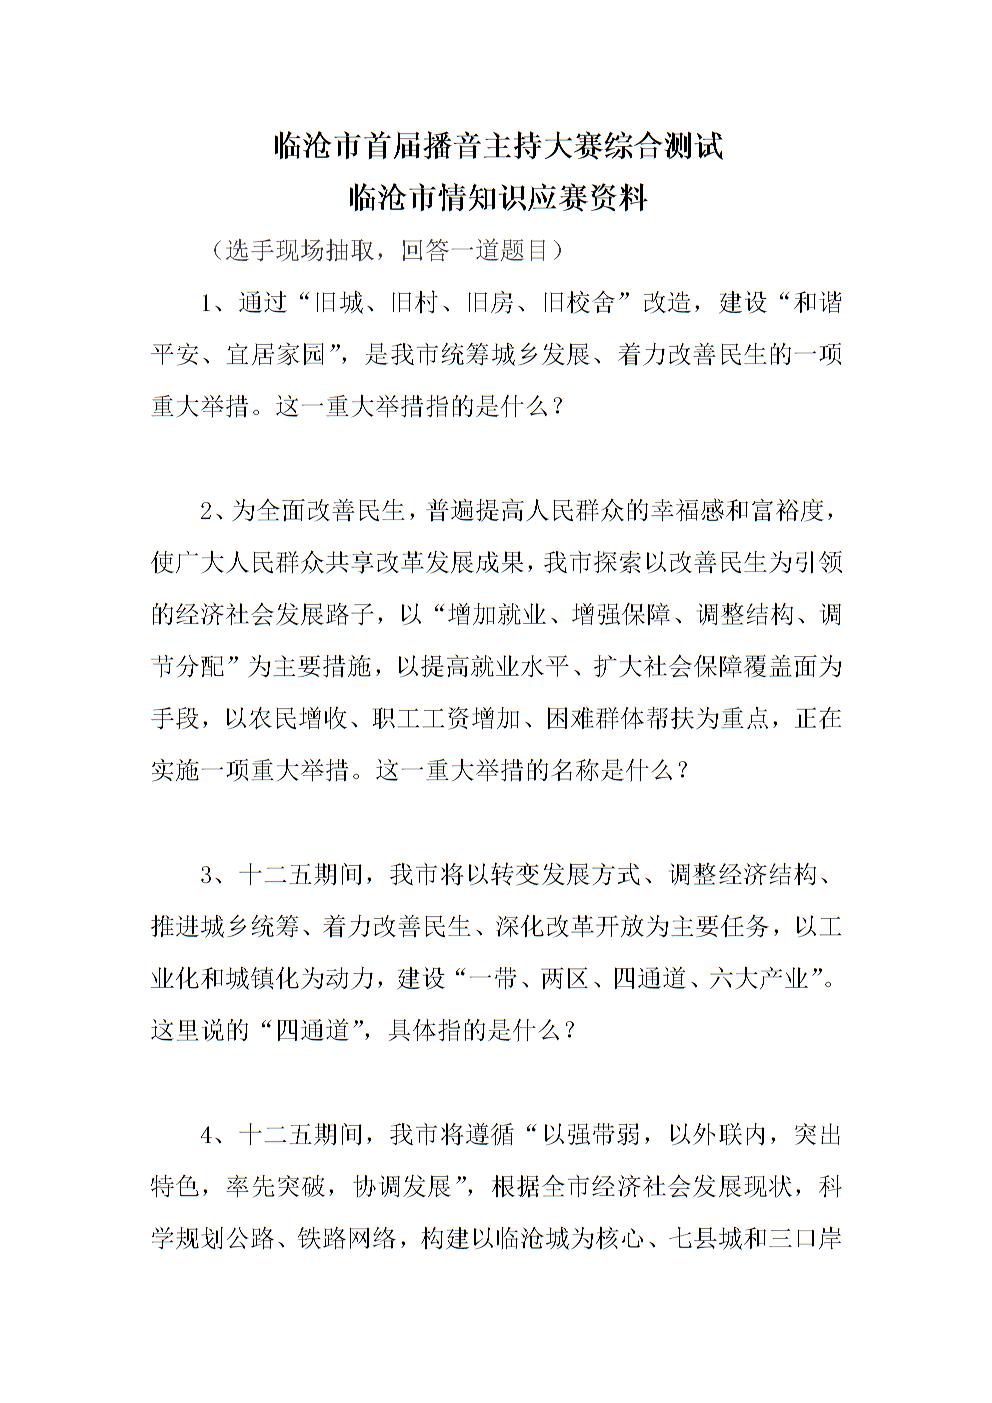 临沧市首届播音主持大赛综合测试临沧市情知识应赛资料.doc